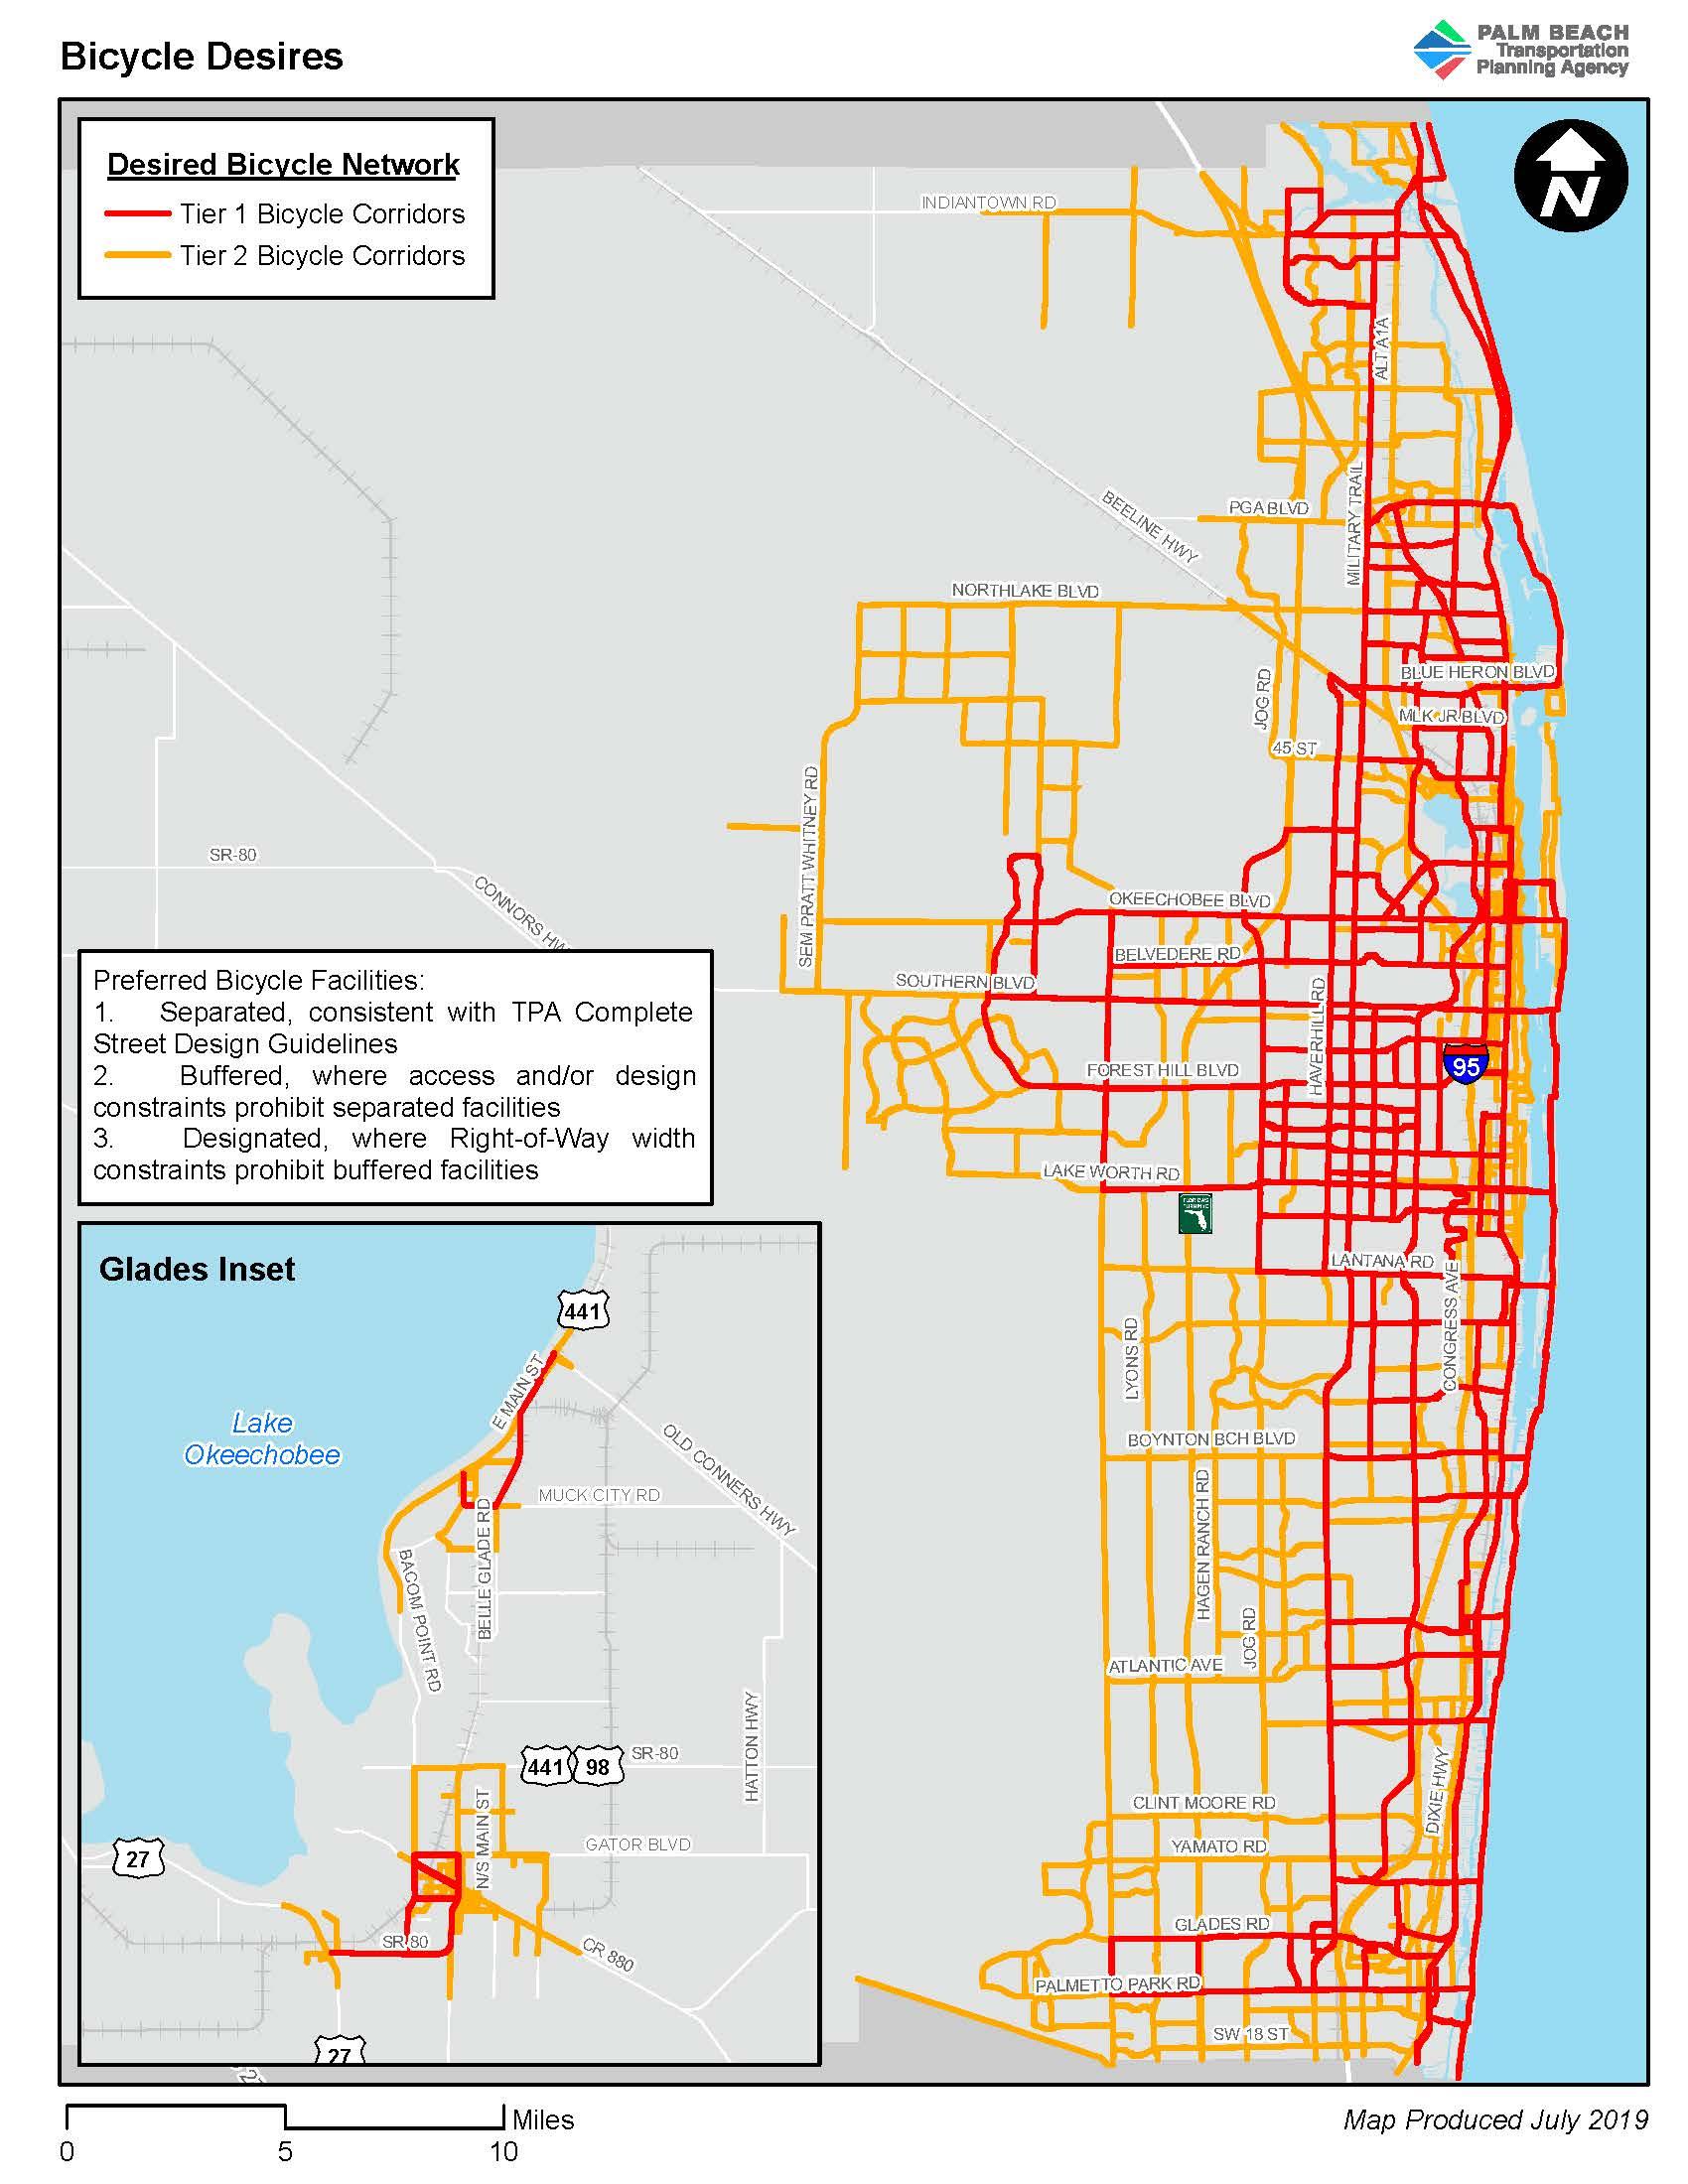 palm beach county municipalities map